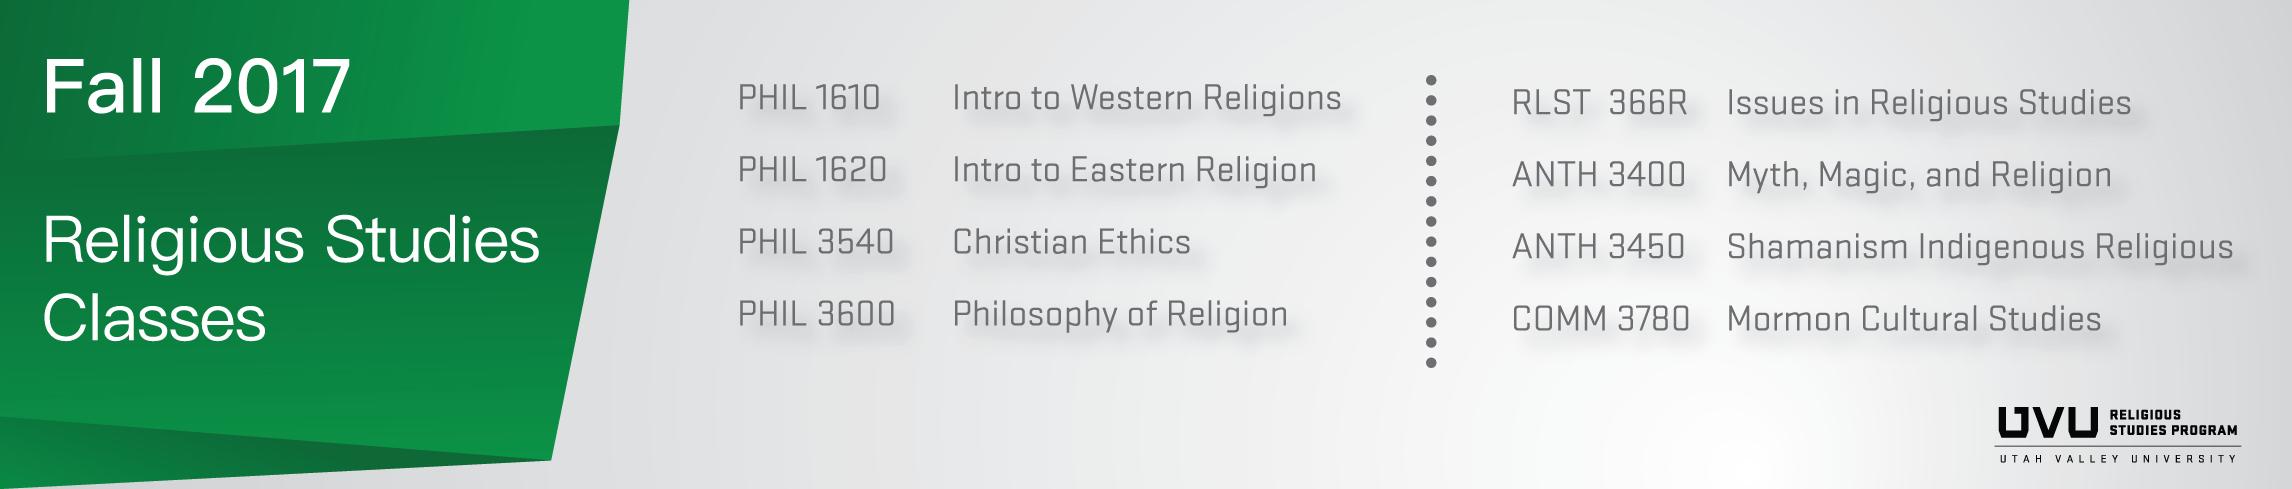 Fall 2017 Religious Studies Classes